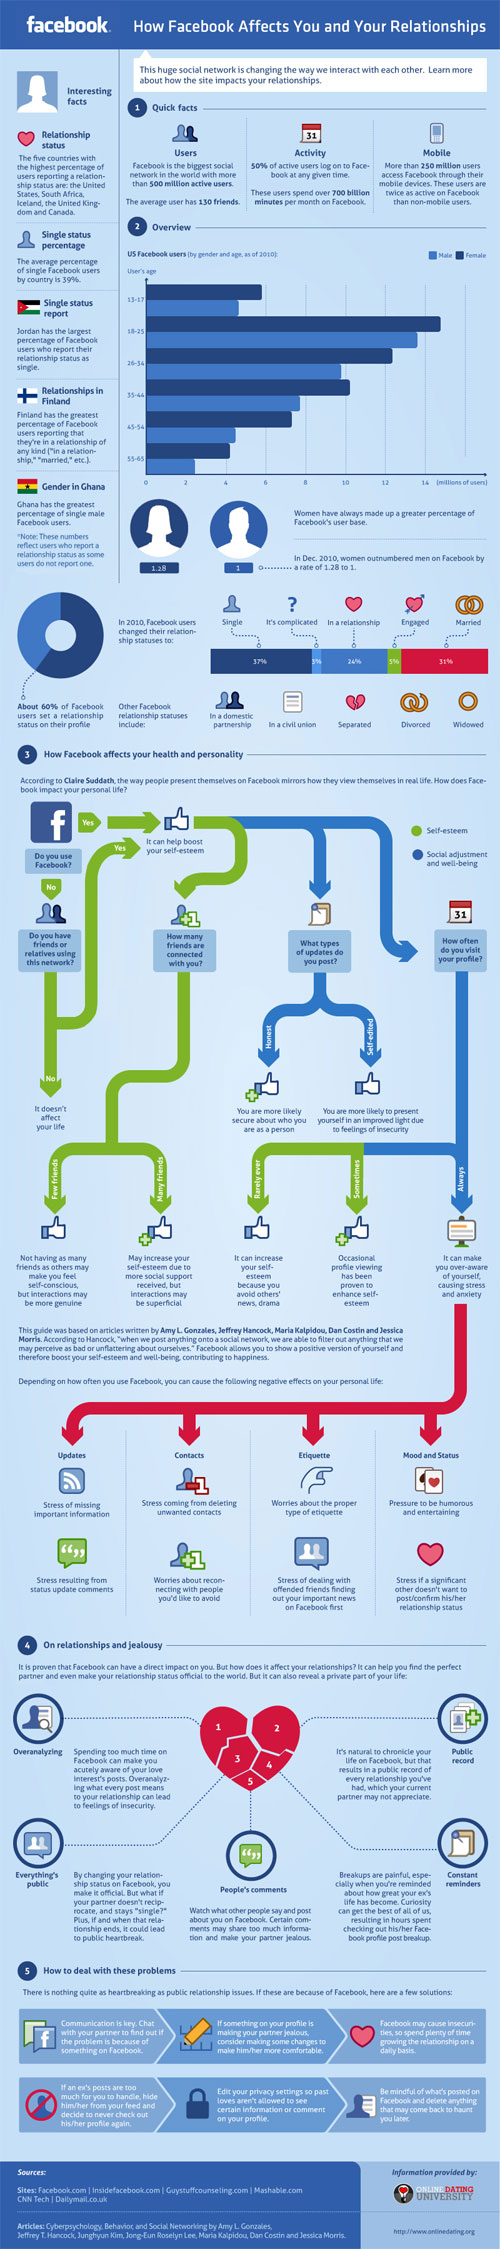 Facebook : Influence du réseau social en infographie